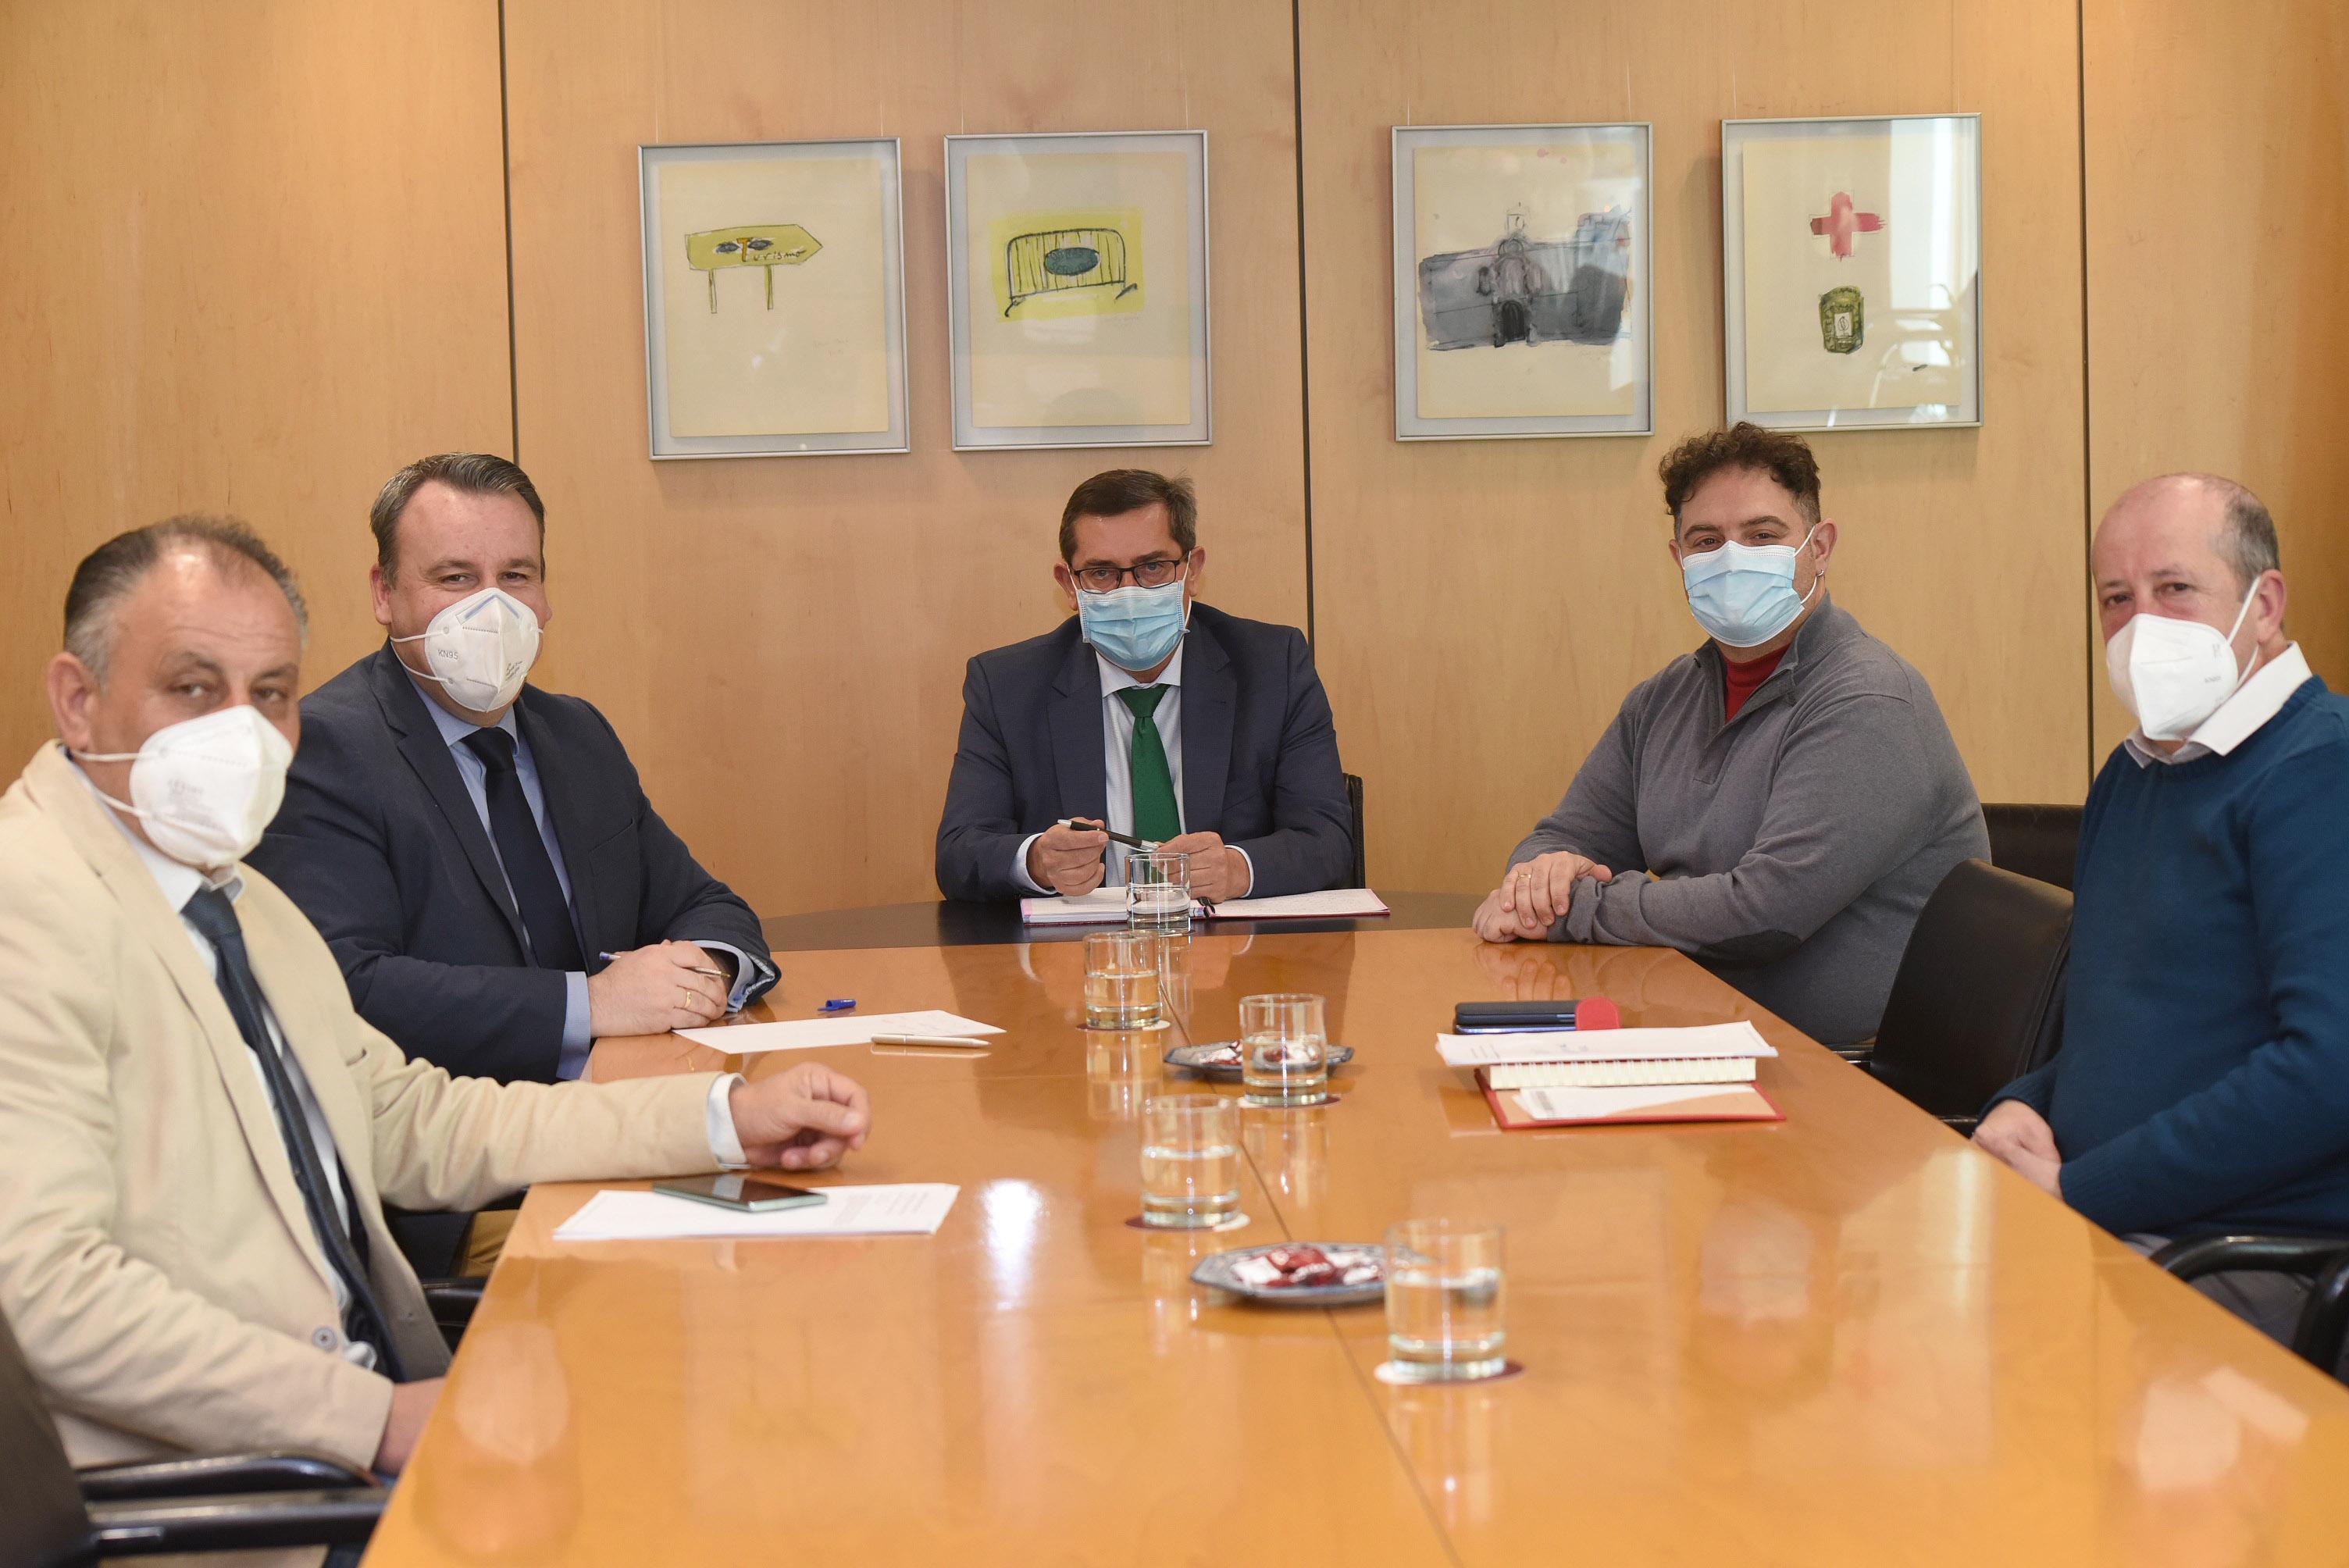 Diputación reúne a los alcaldes de Iznalloz, Deifontes y Cogollos Vega para abordar la puesta en funcionamiento de la Cueva del Agua